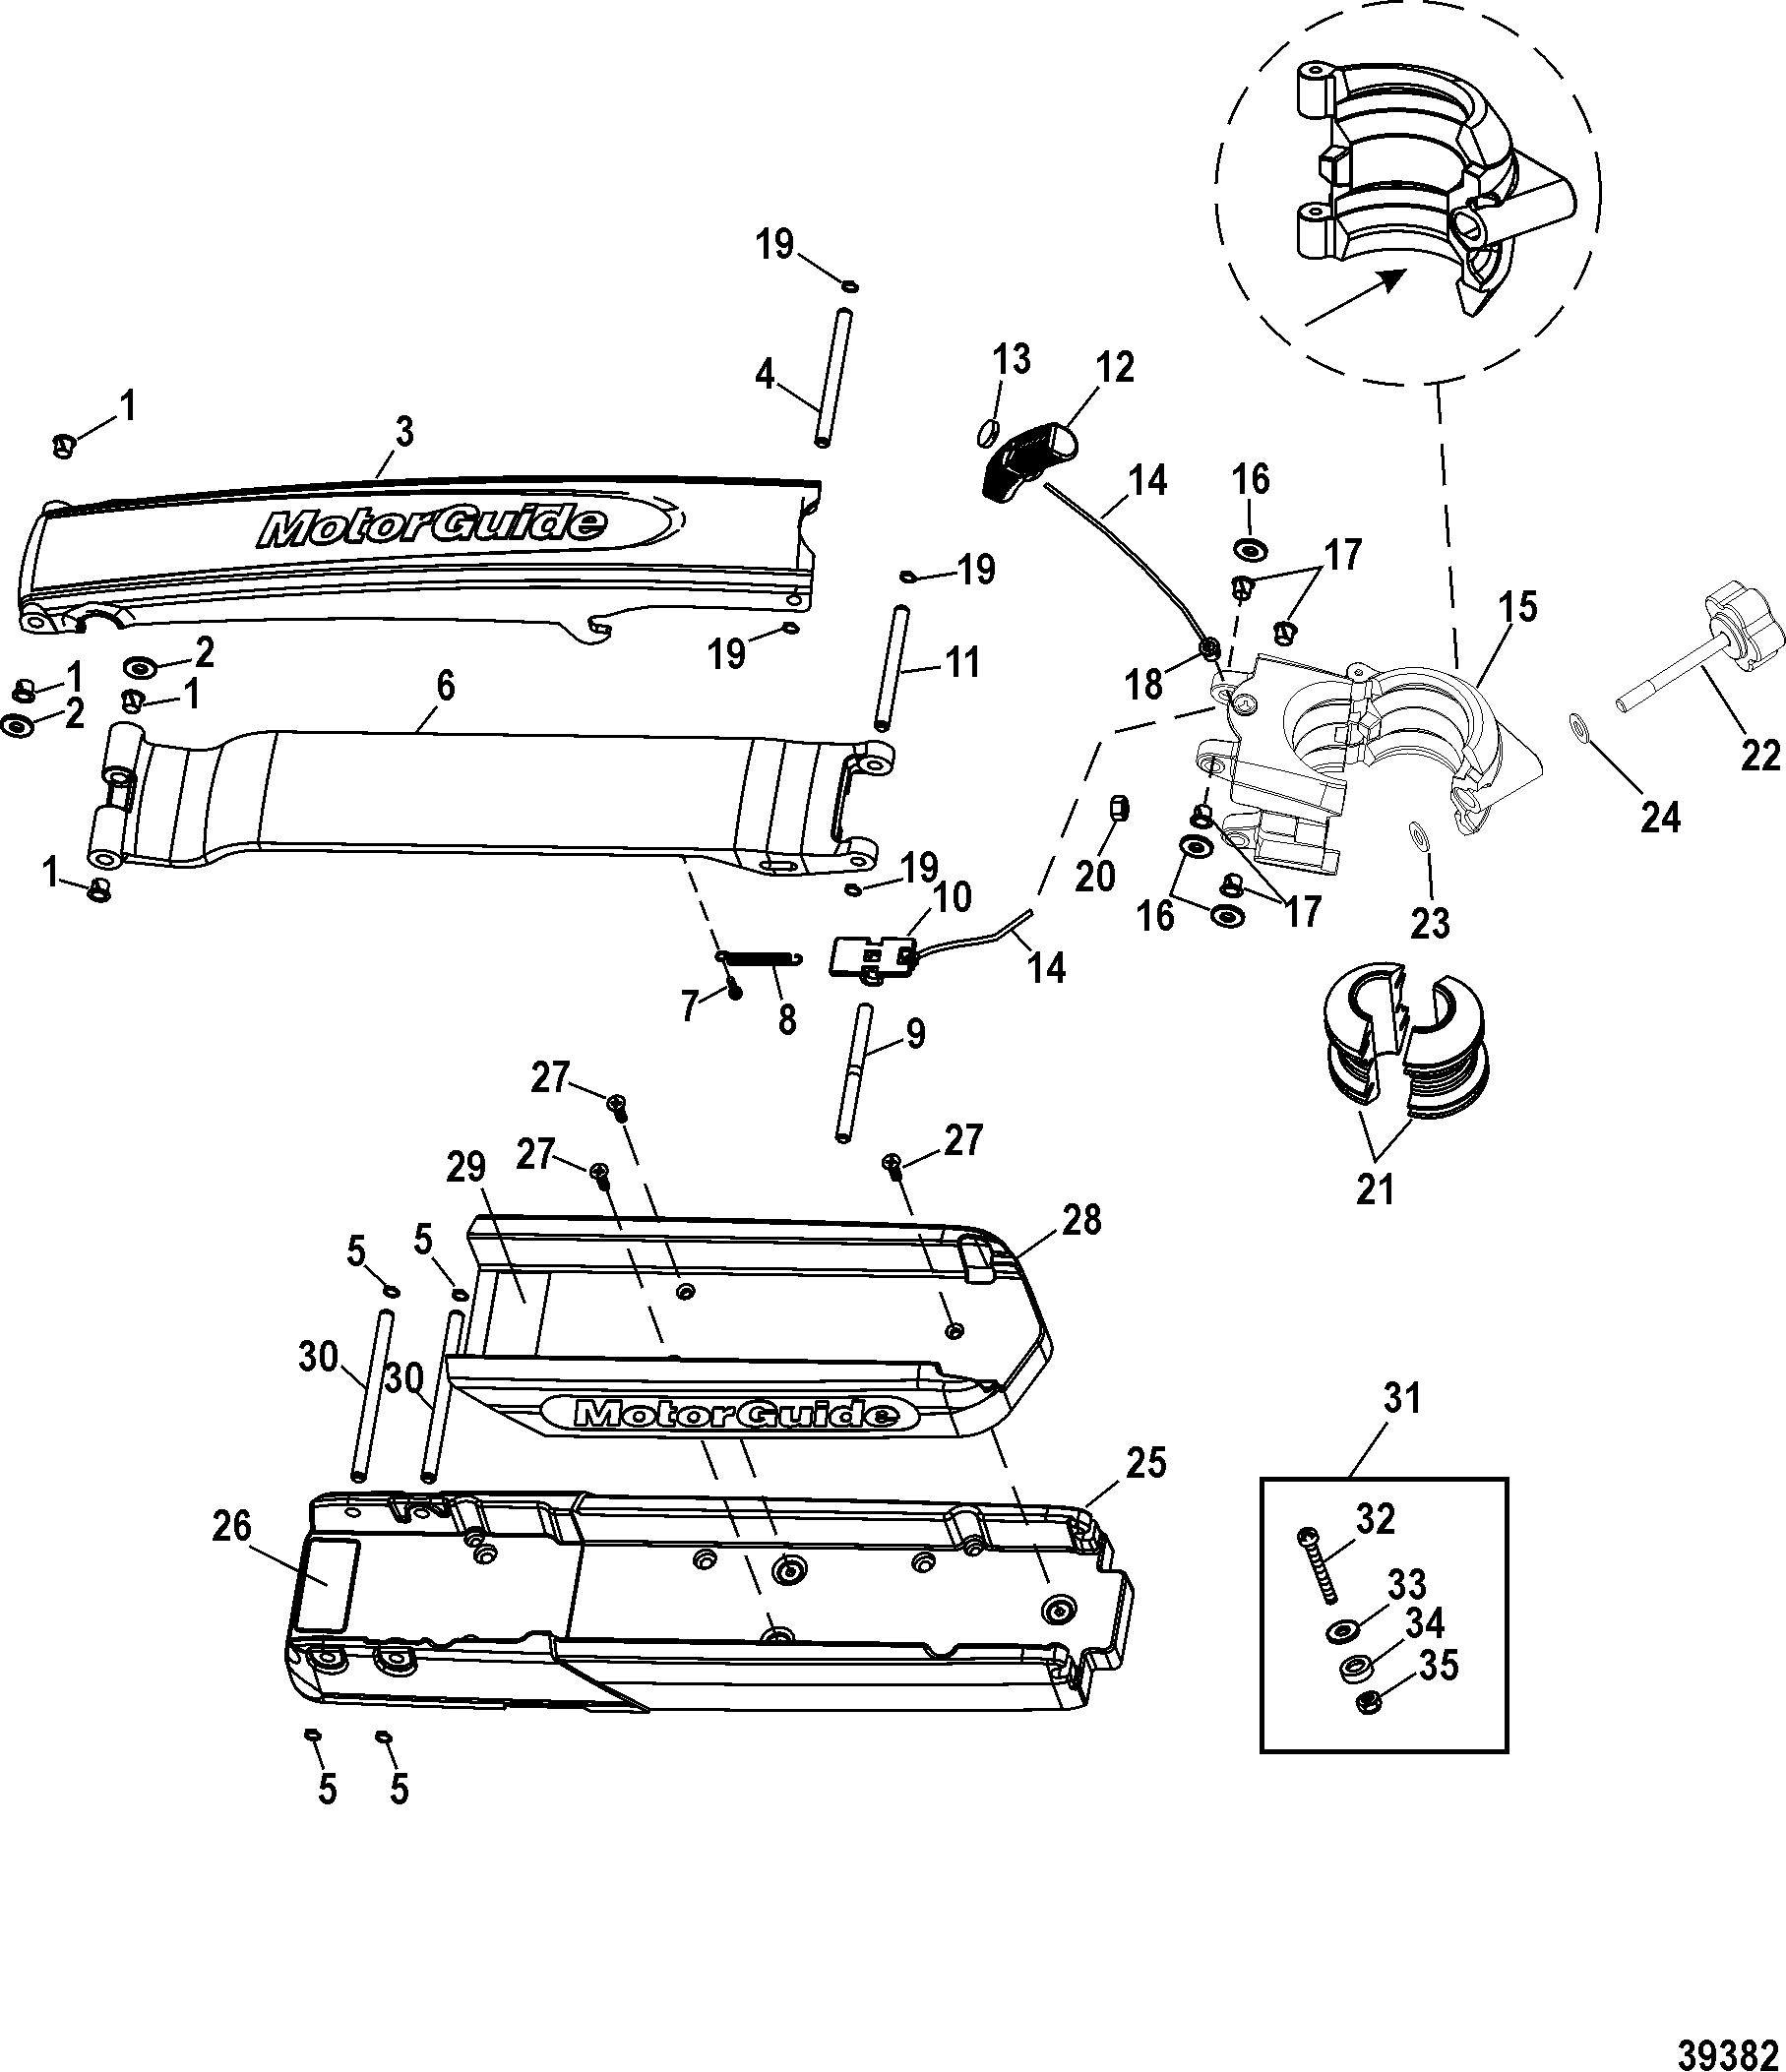 mercury thruster plus wiring diagram